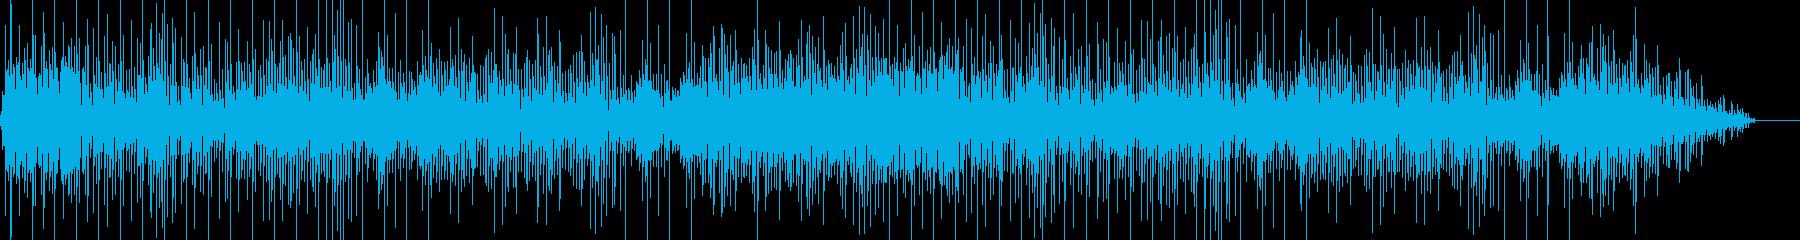 ゆったりした曲の再生済みの波形